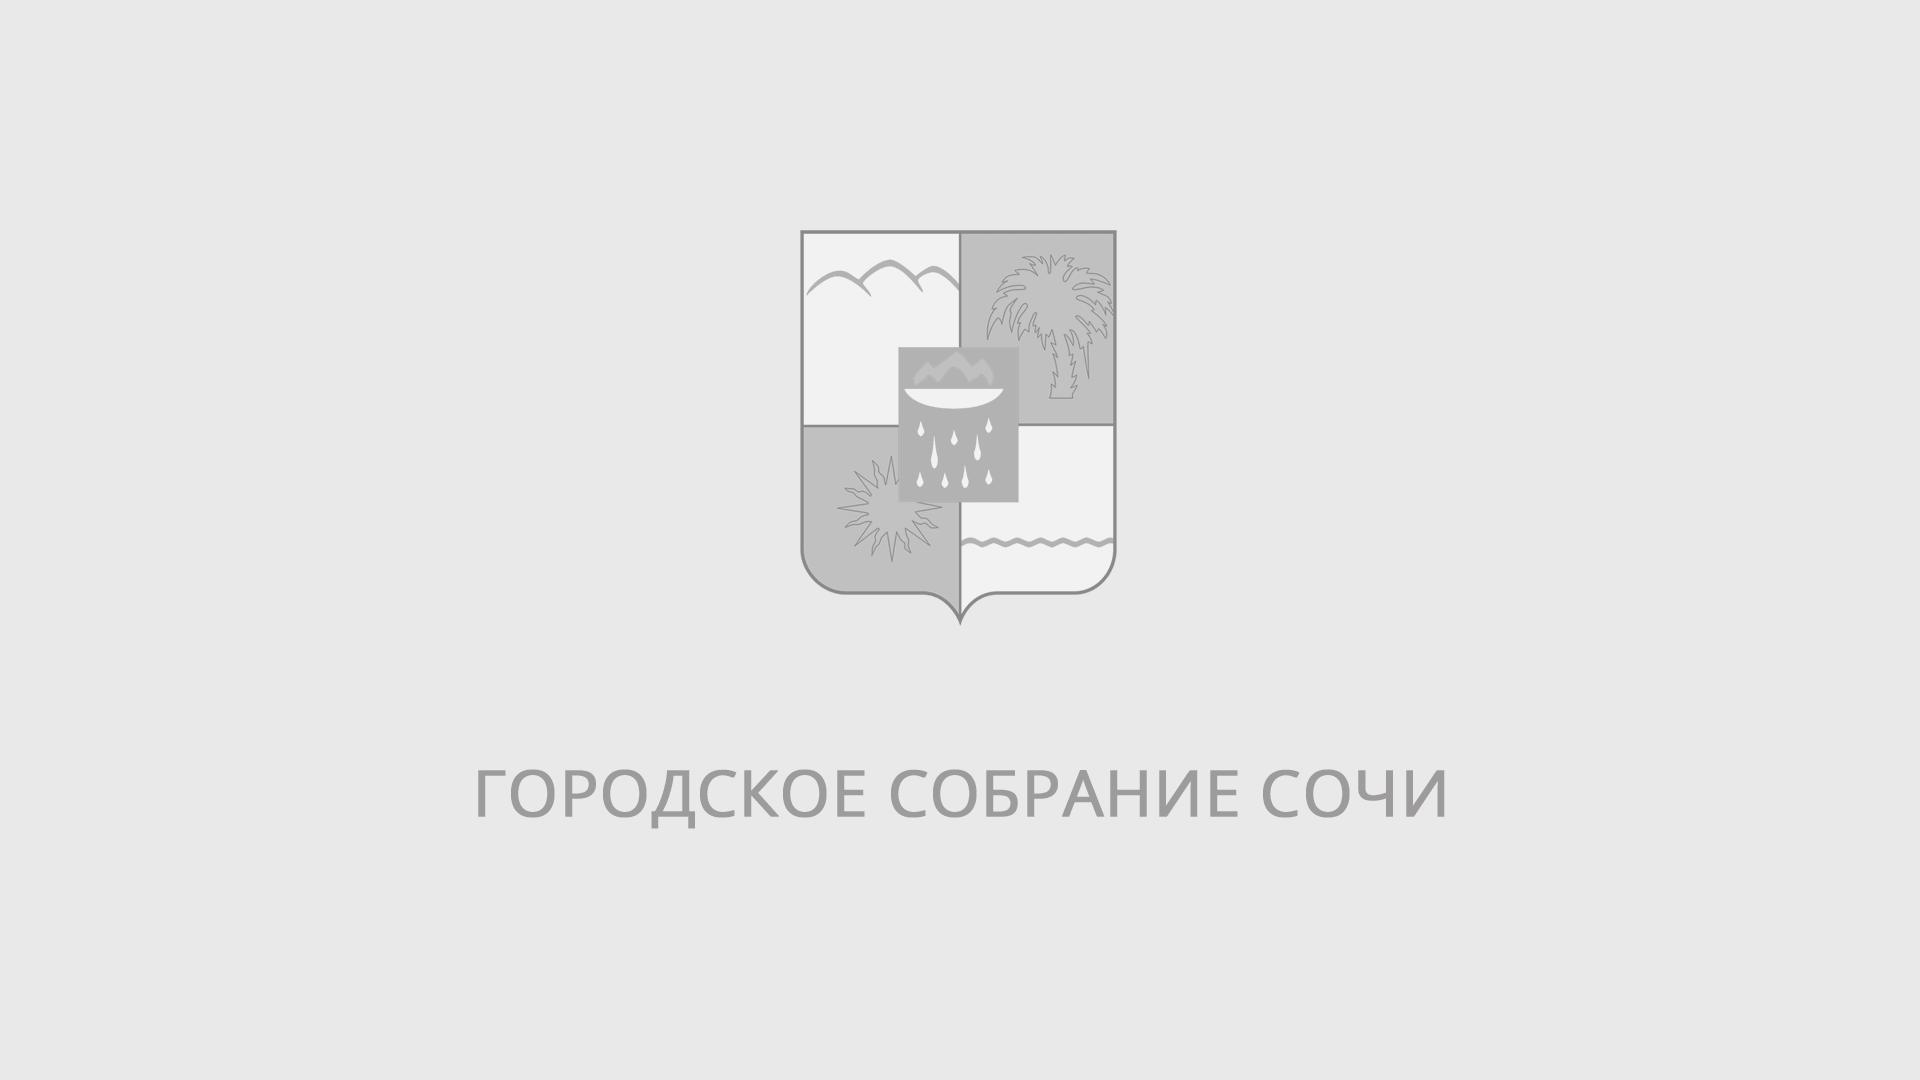 Заместитель председателя ГСС Т.Н. Эйнатов принял участие в заседании КС по поддержке и развитию малого и среднего предпринимательства